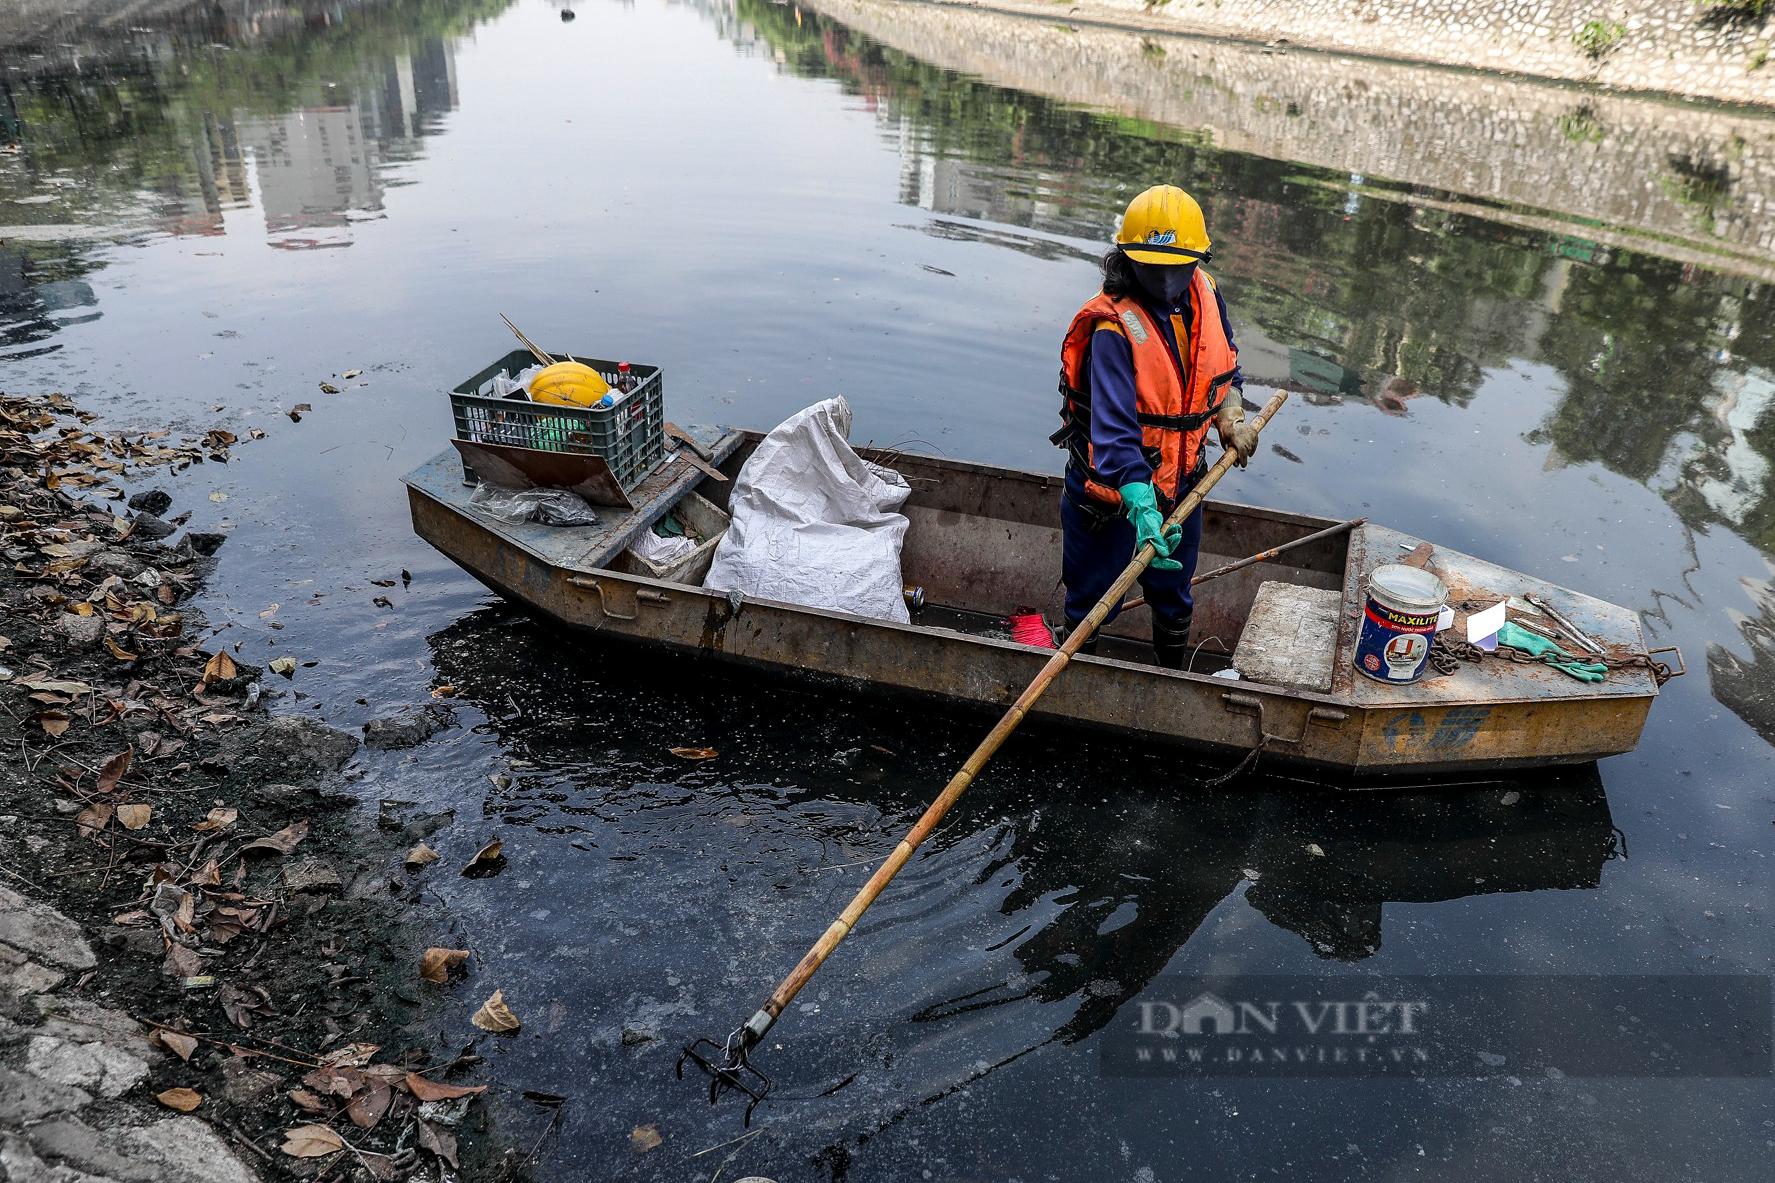 Vẻ khác lạ của con sông ô nhiễm nhất Hà Nội sau khi đổi màu nước - Ảnh 2.